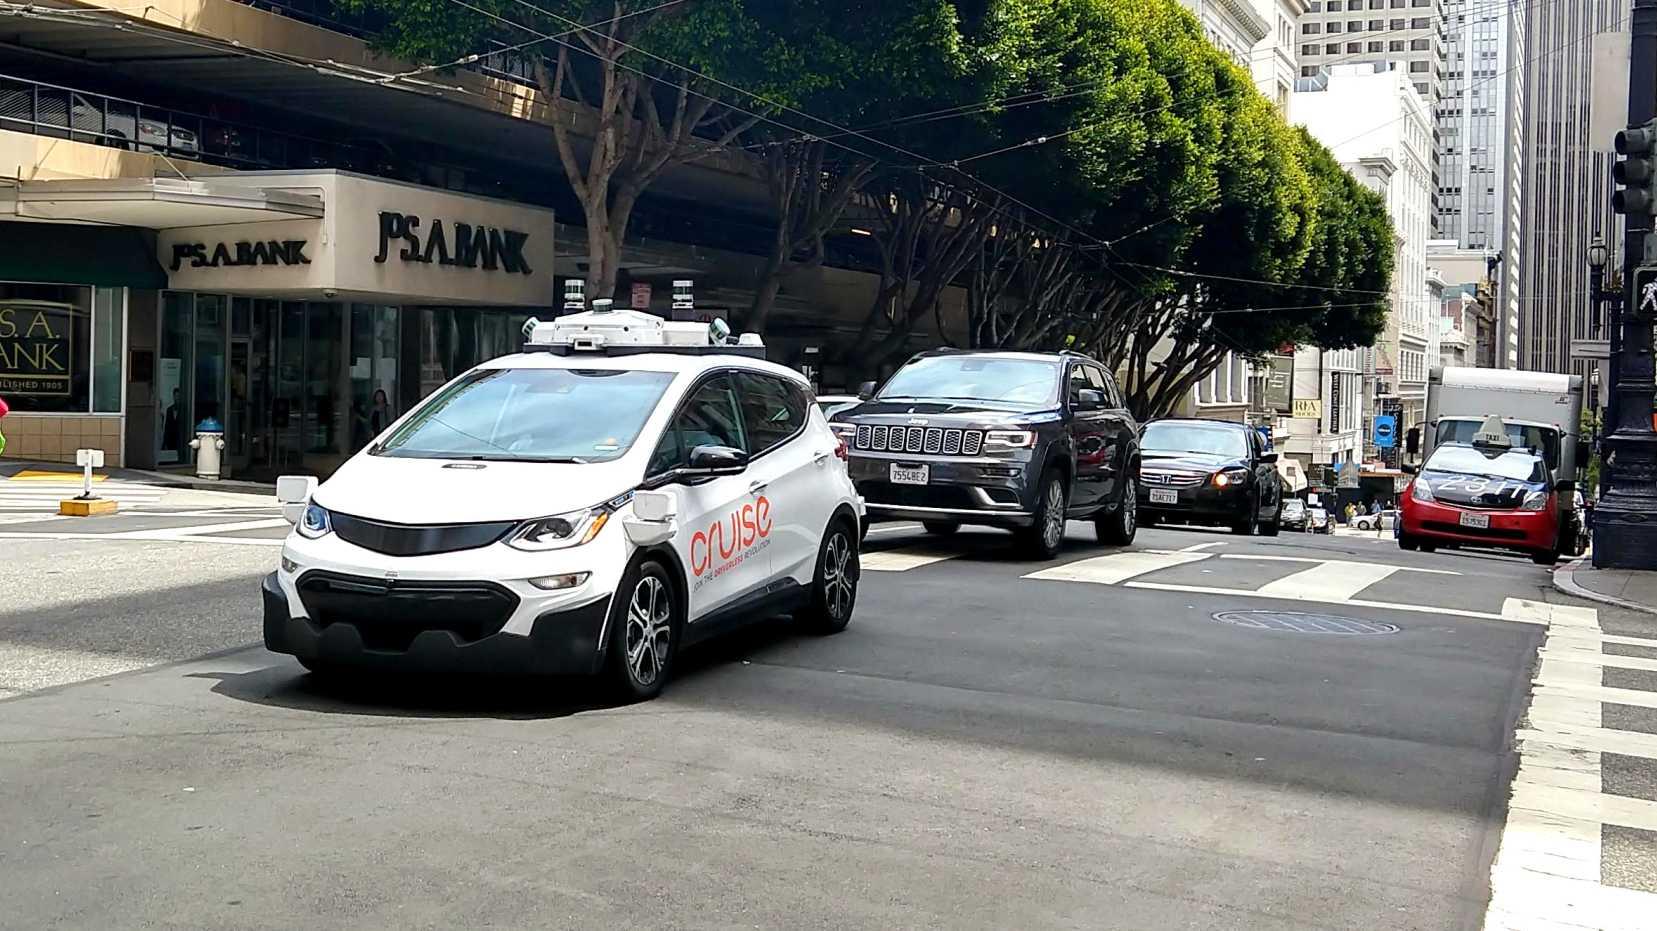 Autonomes Fahren: Wer haftet bei Verkehrsunfällen?